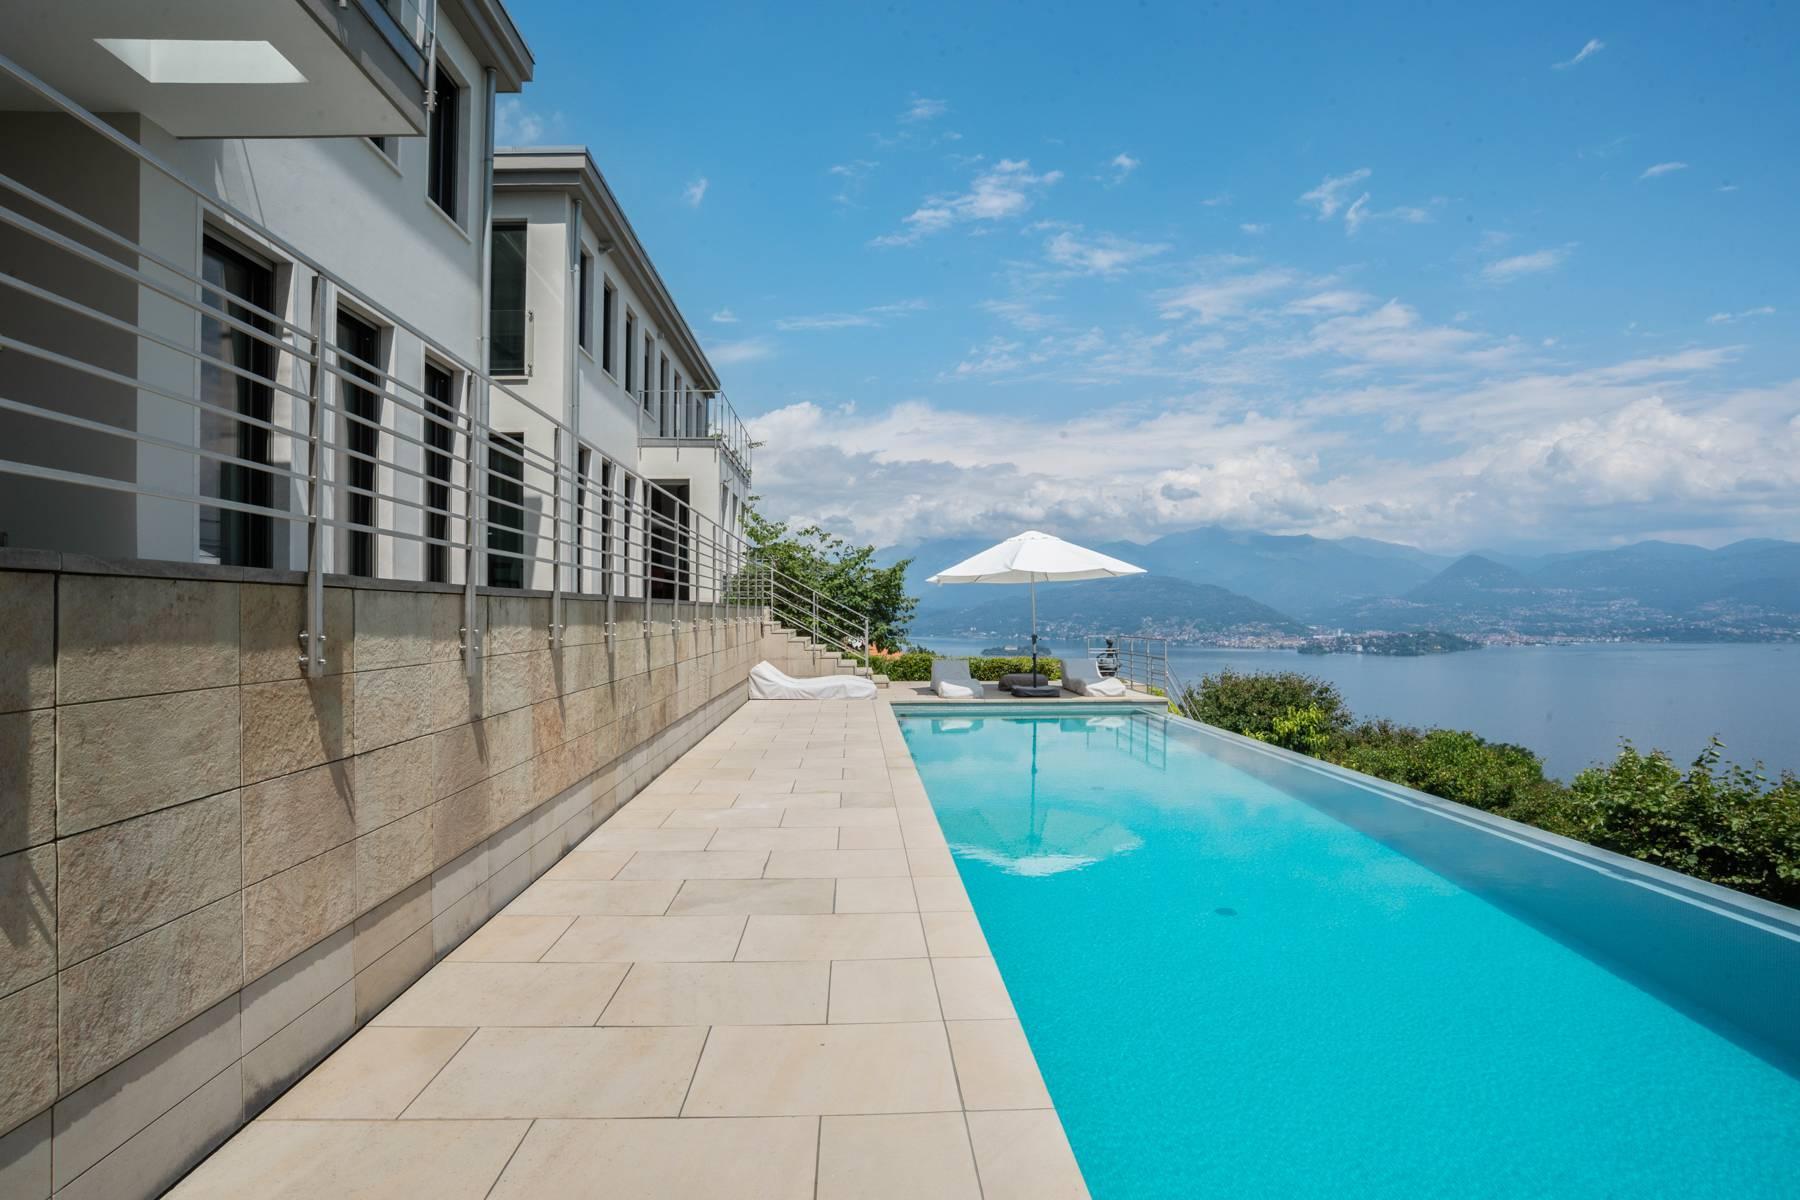 Fabulous Villa on the hills of Stresa - 4